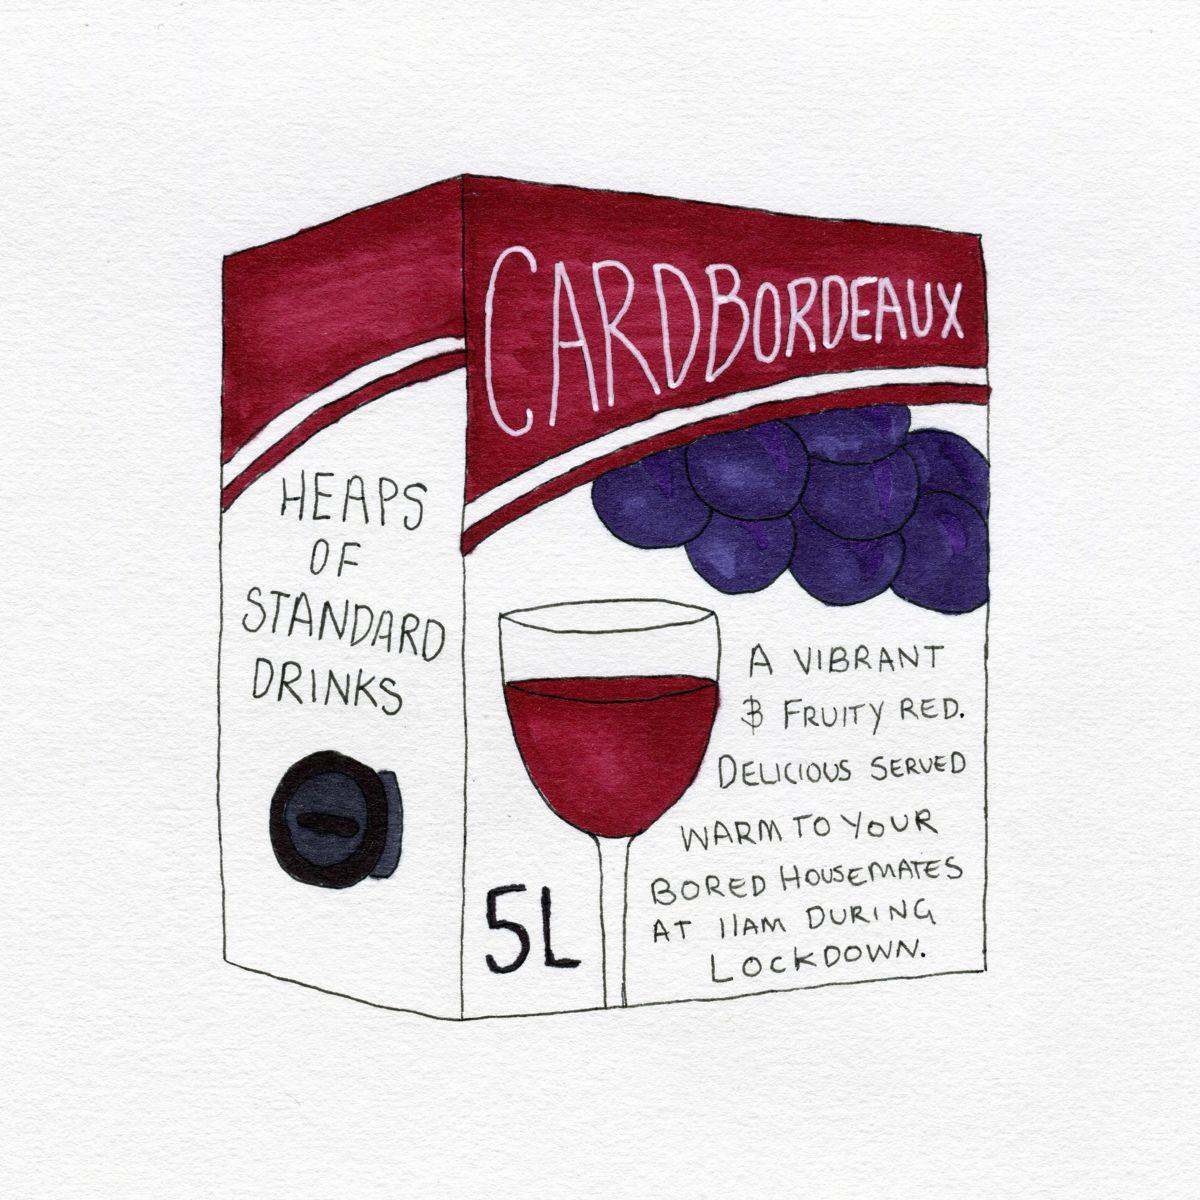 Cardbordeaux In 2020 Marker Drawing Marker Art Copic Art